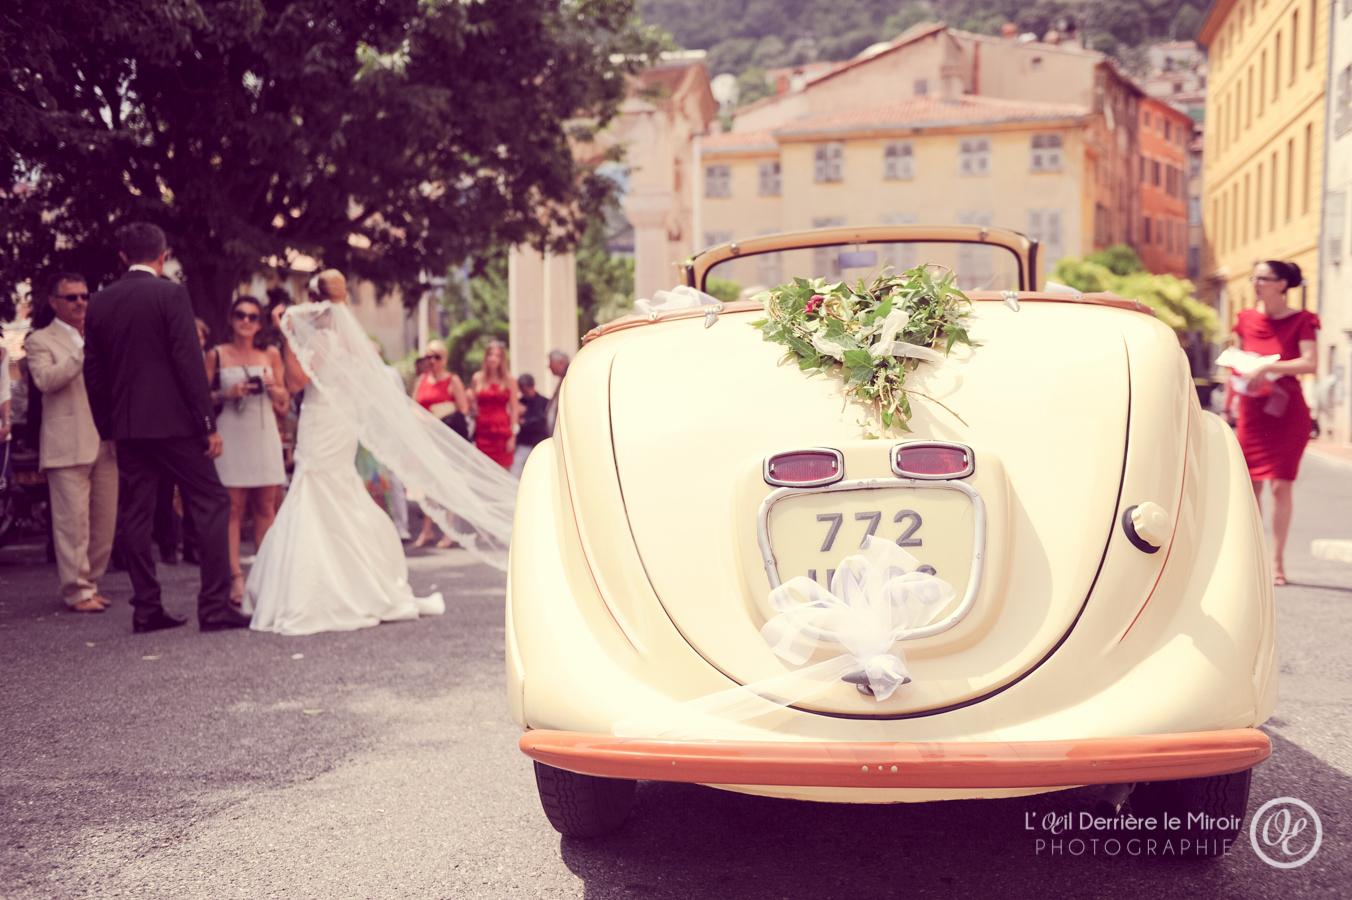 Photographe de mariage Cannes Grasse